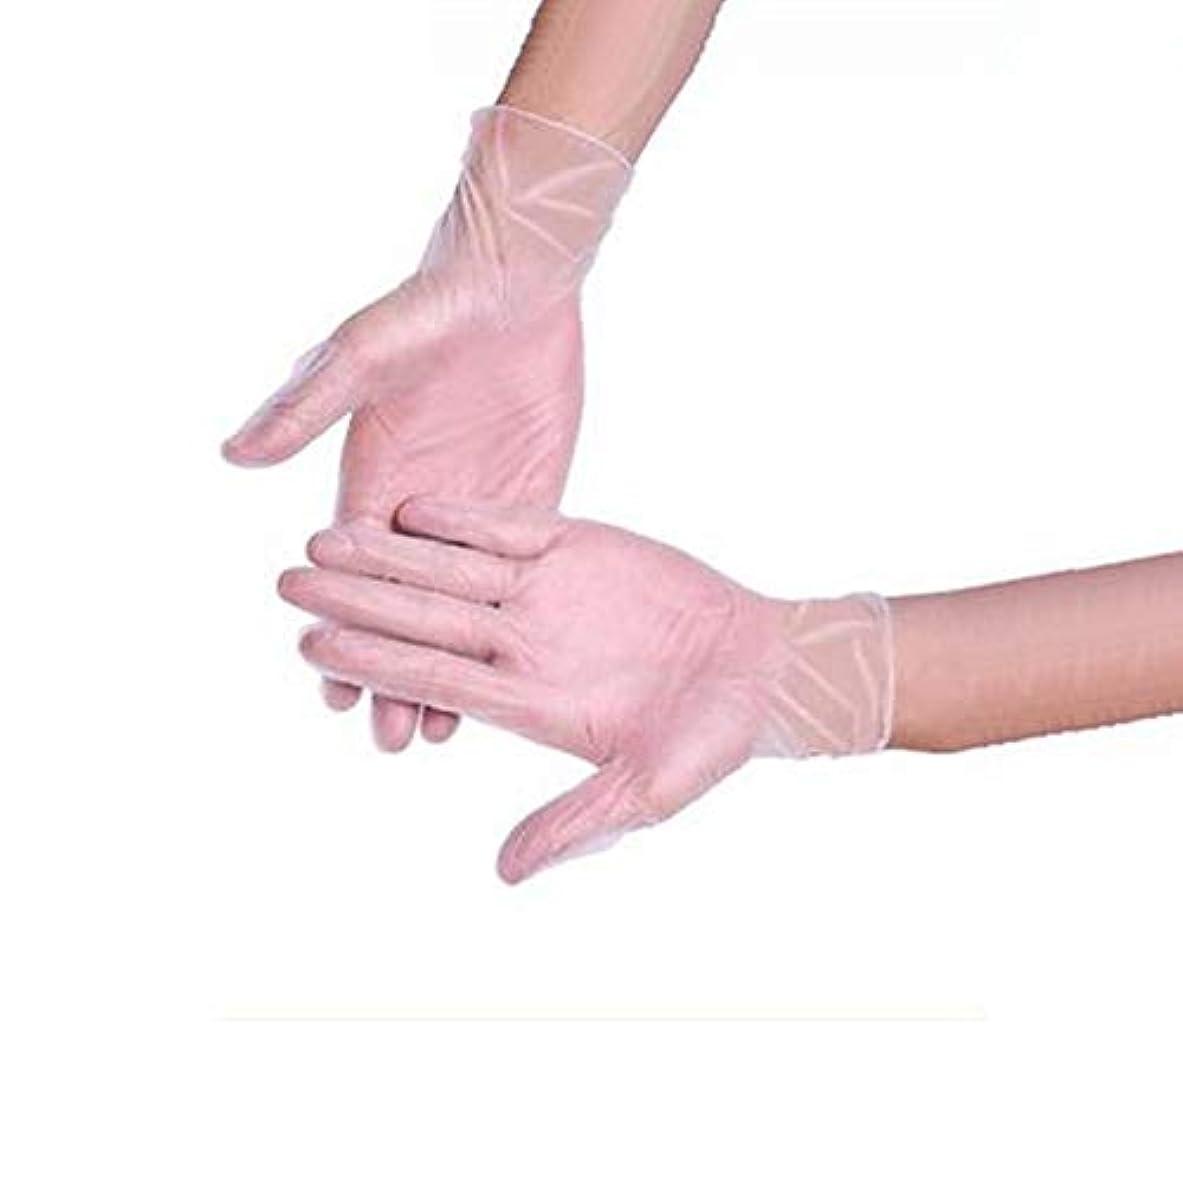 発症罪人スペア食品ベーキング手袋美容ネイル使い捨て手袋クリーニング帯電防止手袋箱入り500のみ YANW (色 : トランスペアレント, サイズ さいず : Xl xl)